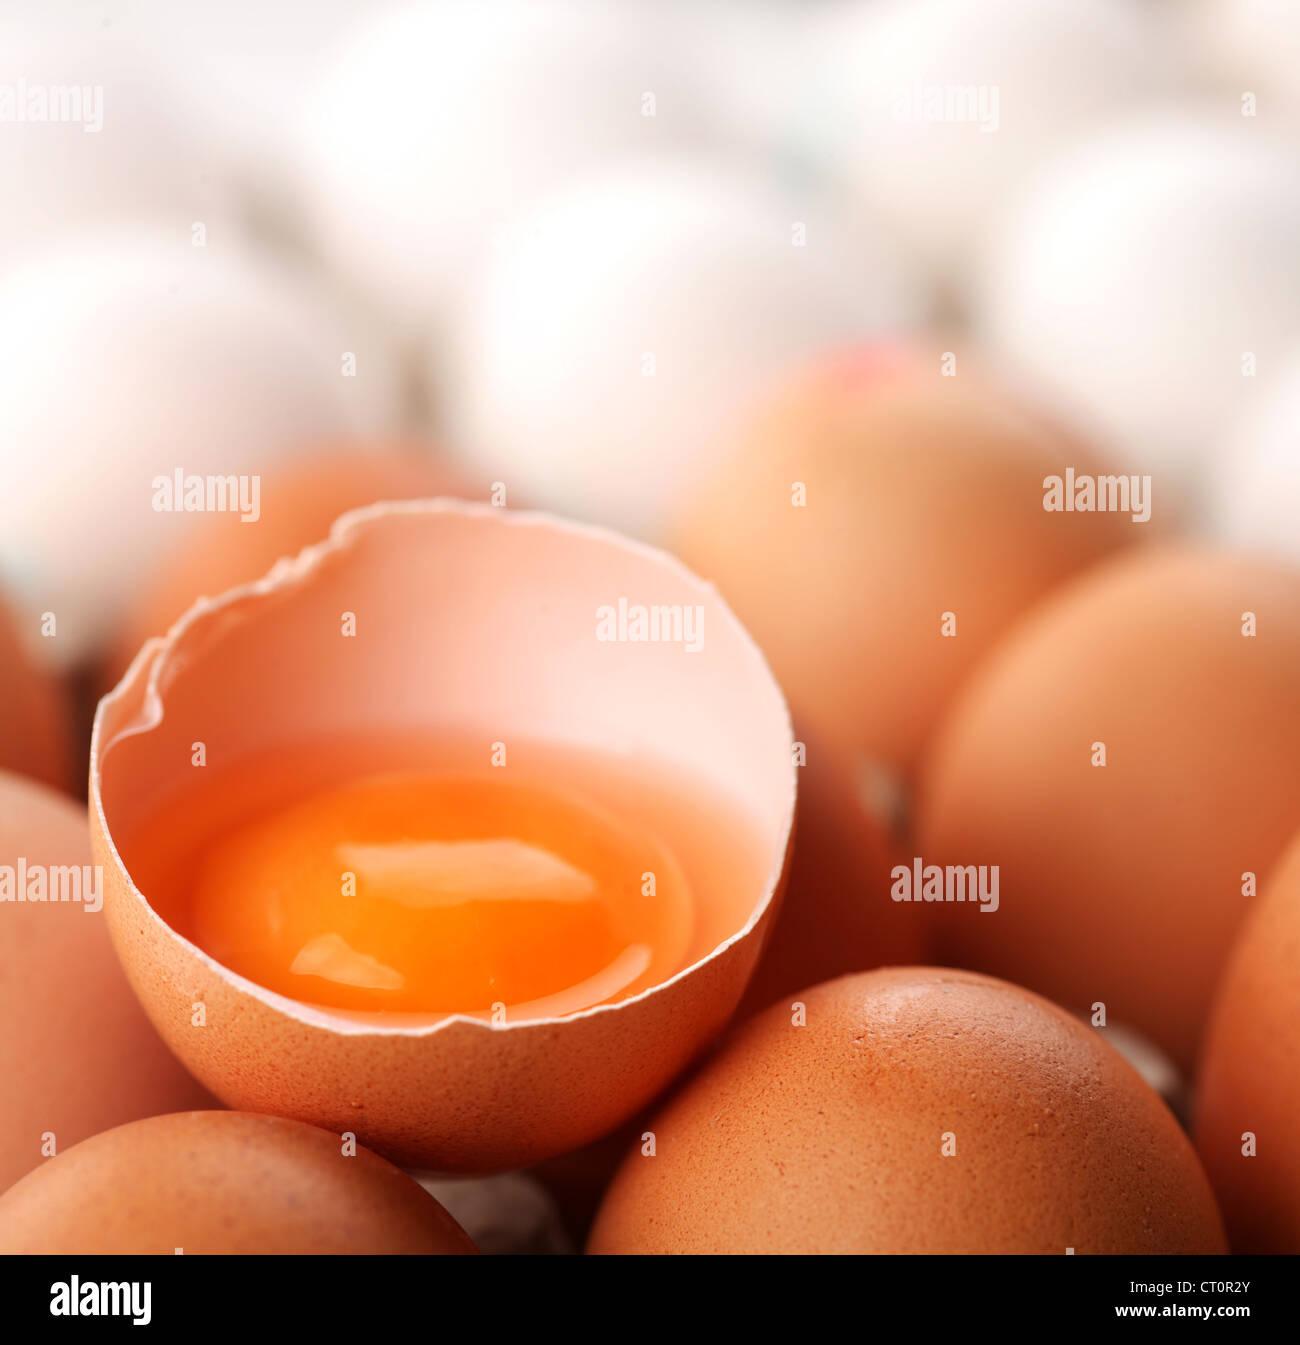 Hühnereier. Ein Ei ist gebrochen. Stockbild